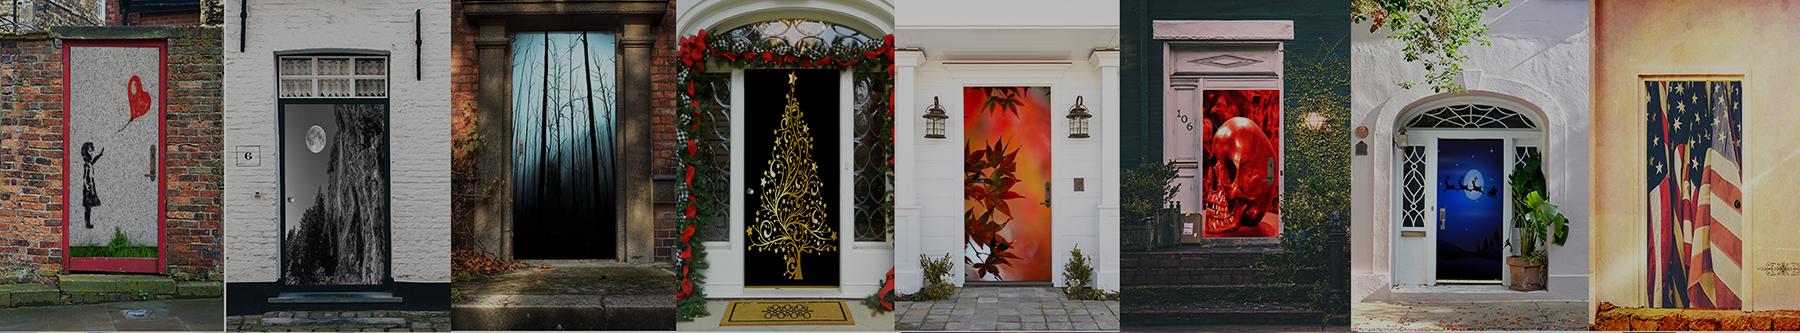 Become a doorfoto star 1800x666 crop